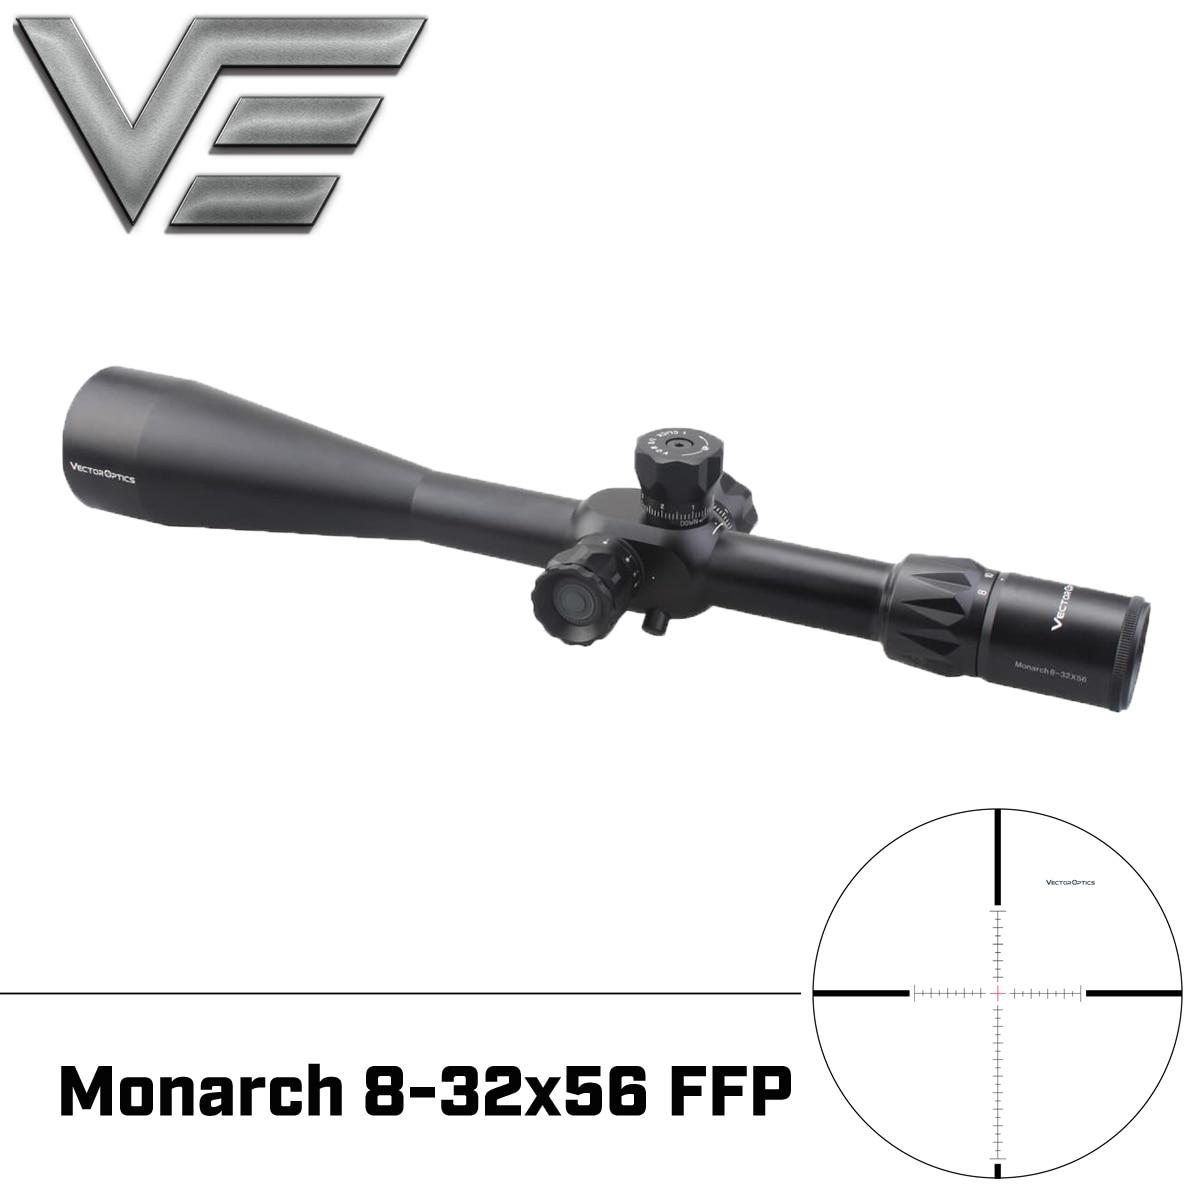 Vector Optics Monarch 8 32x56 FFP Tactical Zielfernrohr 1/8 MOA Mildot Absehen mit Mount & Sonnenschirm Zielfernrohr für Schießen-in Zielfernrohre aus Sport und Unterhaltung bei AliExpress - 11.11_Doppel-11Tag der Singles 1